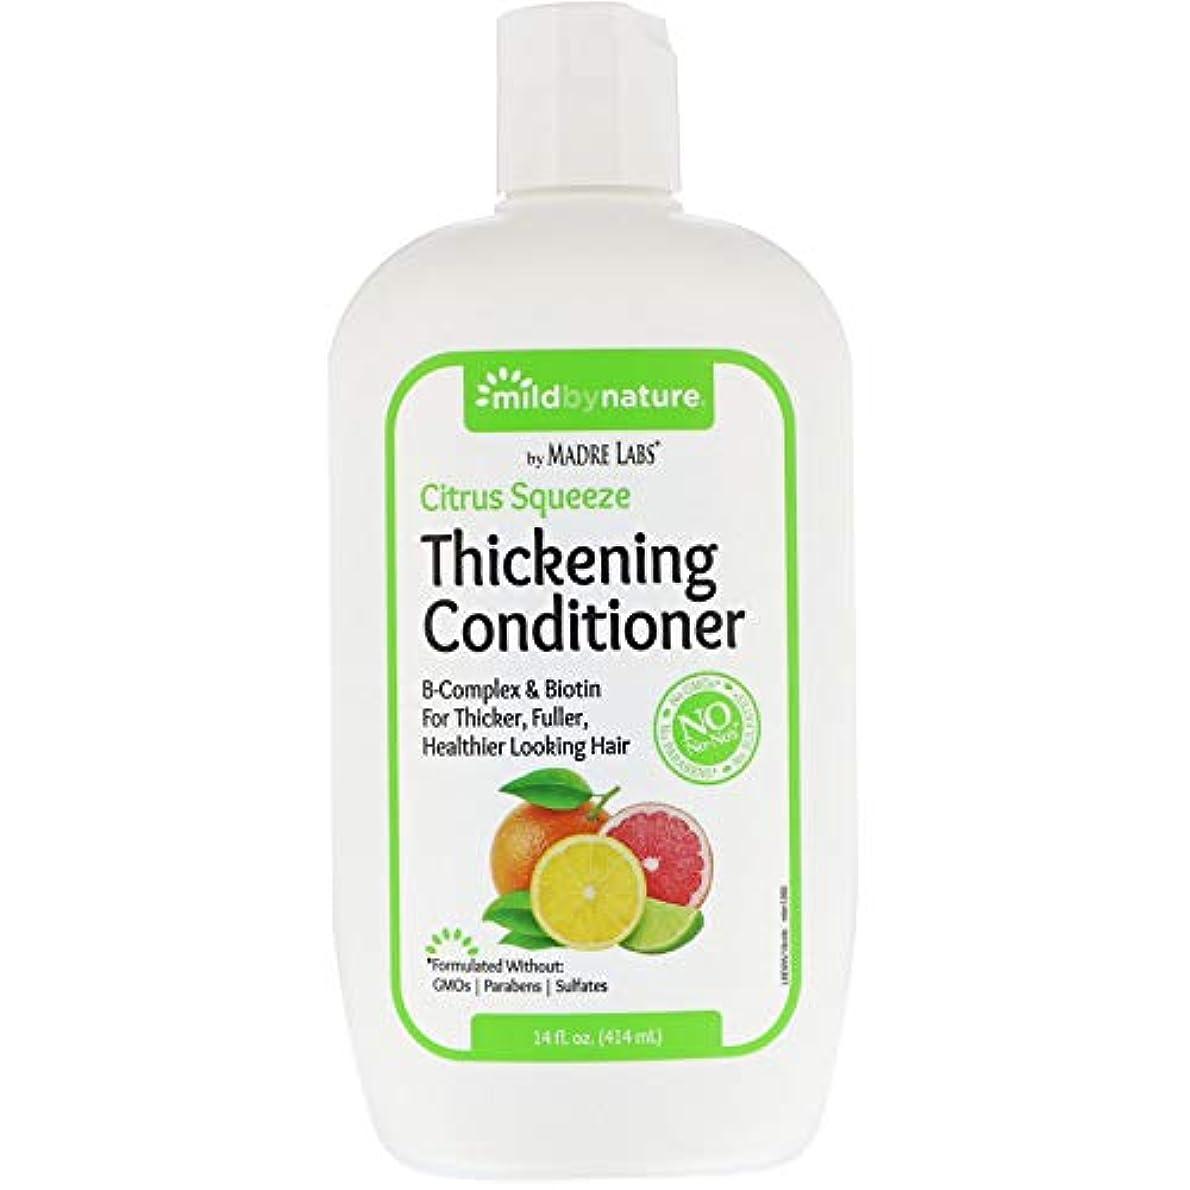 退却パワーセルせせらぎMadre Labs, Thickening B-Complex + Biotin Conditioner, No Sulfates, Citrus Squeeze、14液量オンス(414 ml)